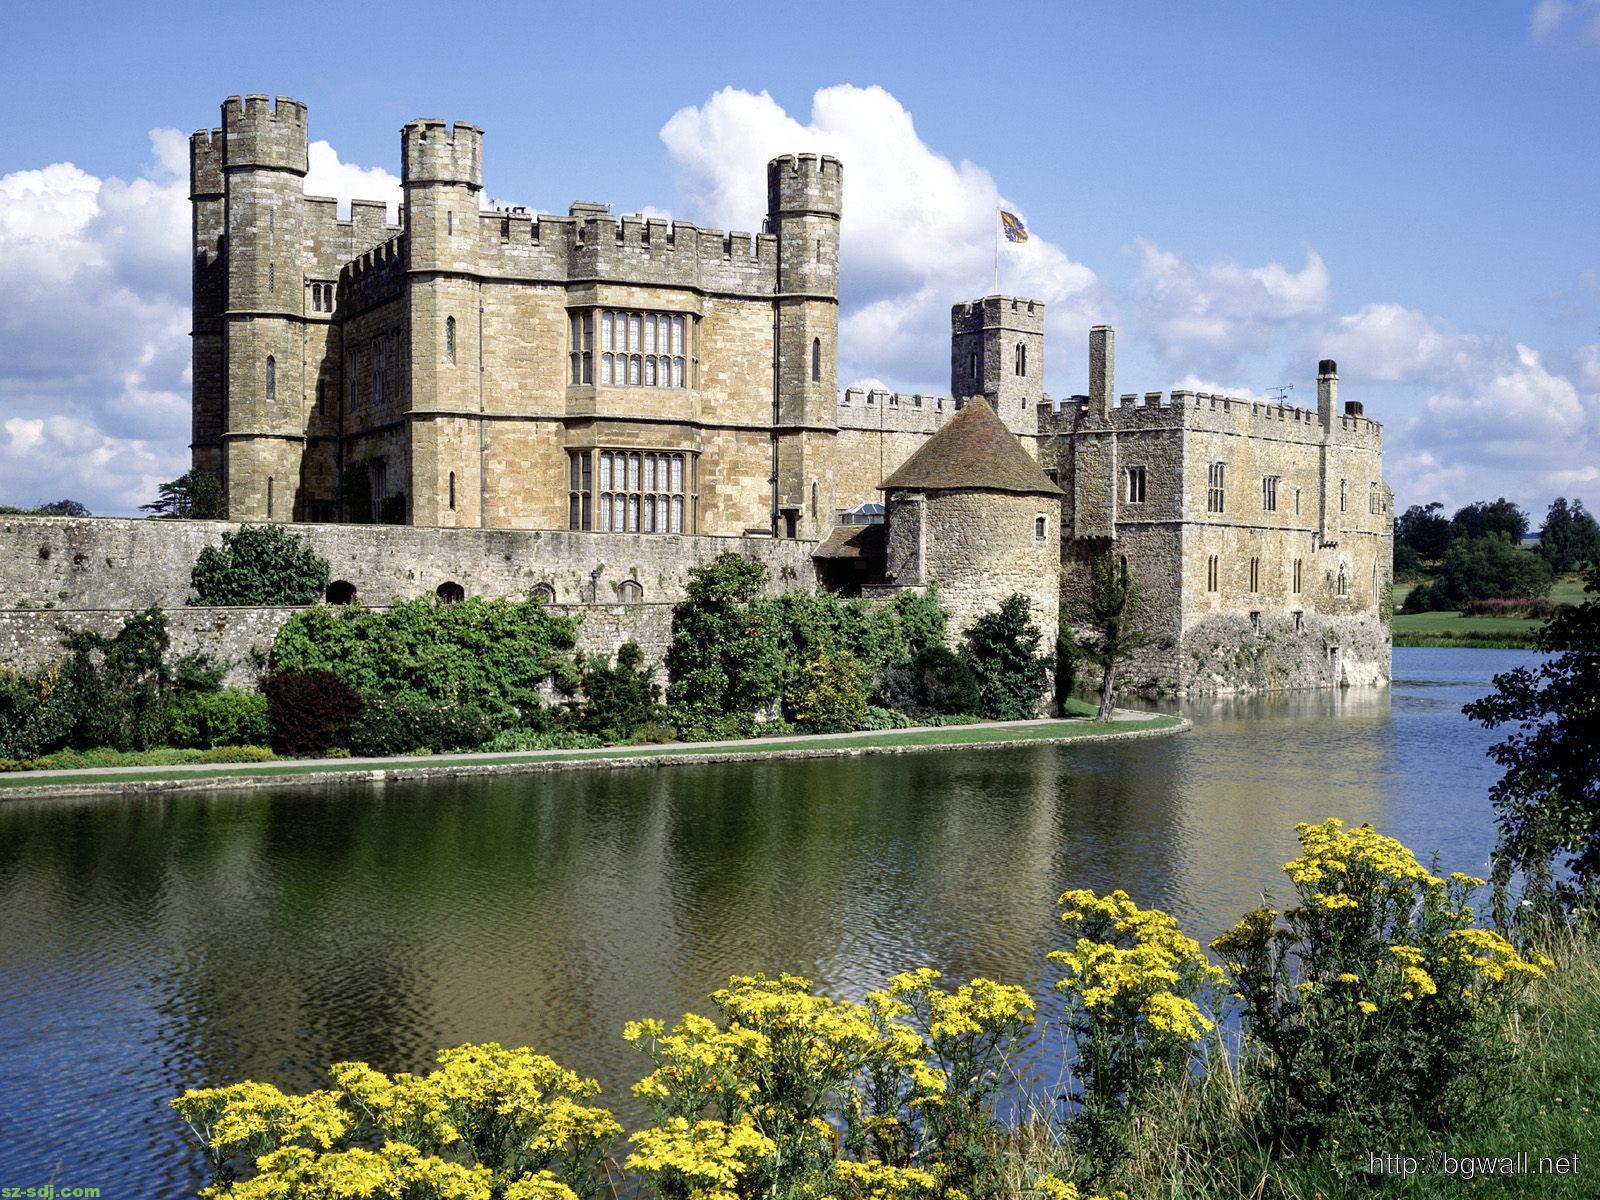 englans-castle-wallpaper-picture